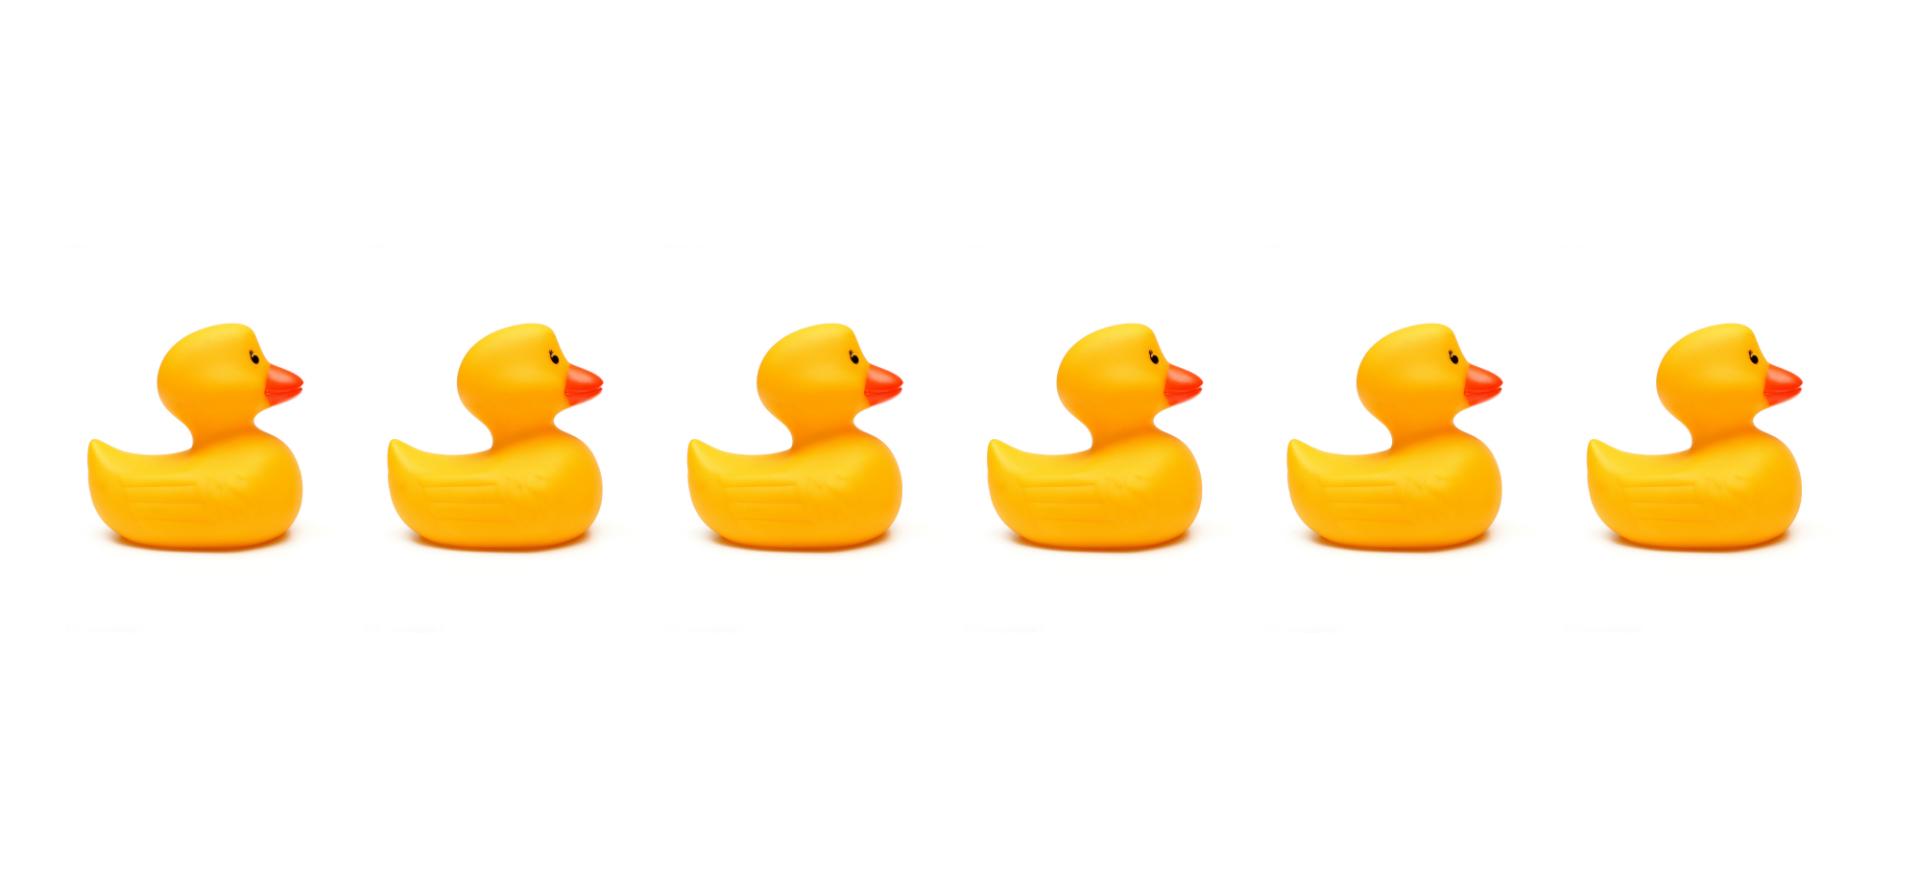 Rubber ducks in line